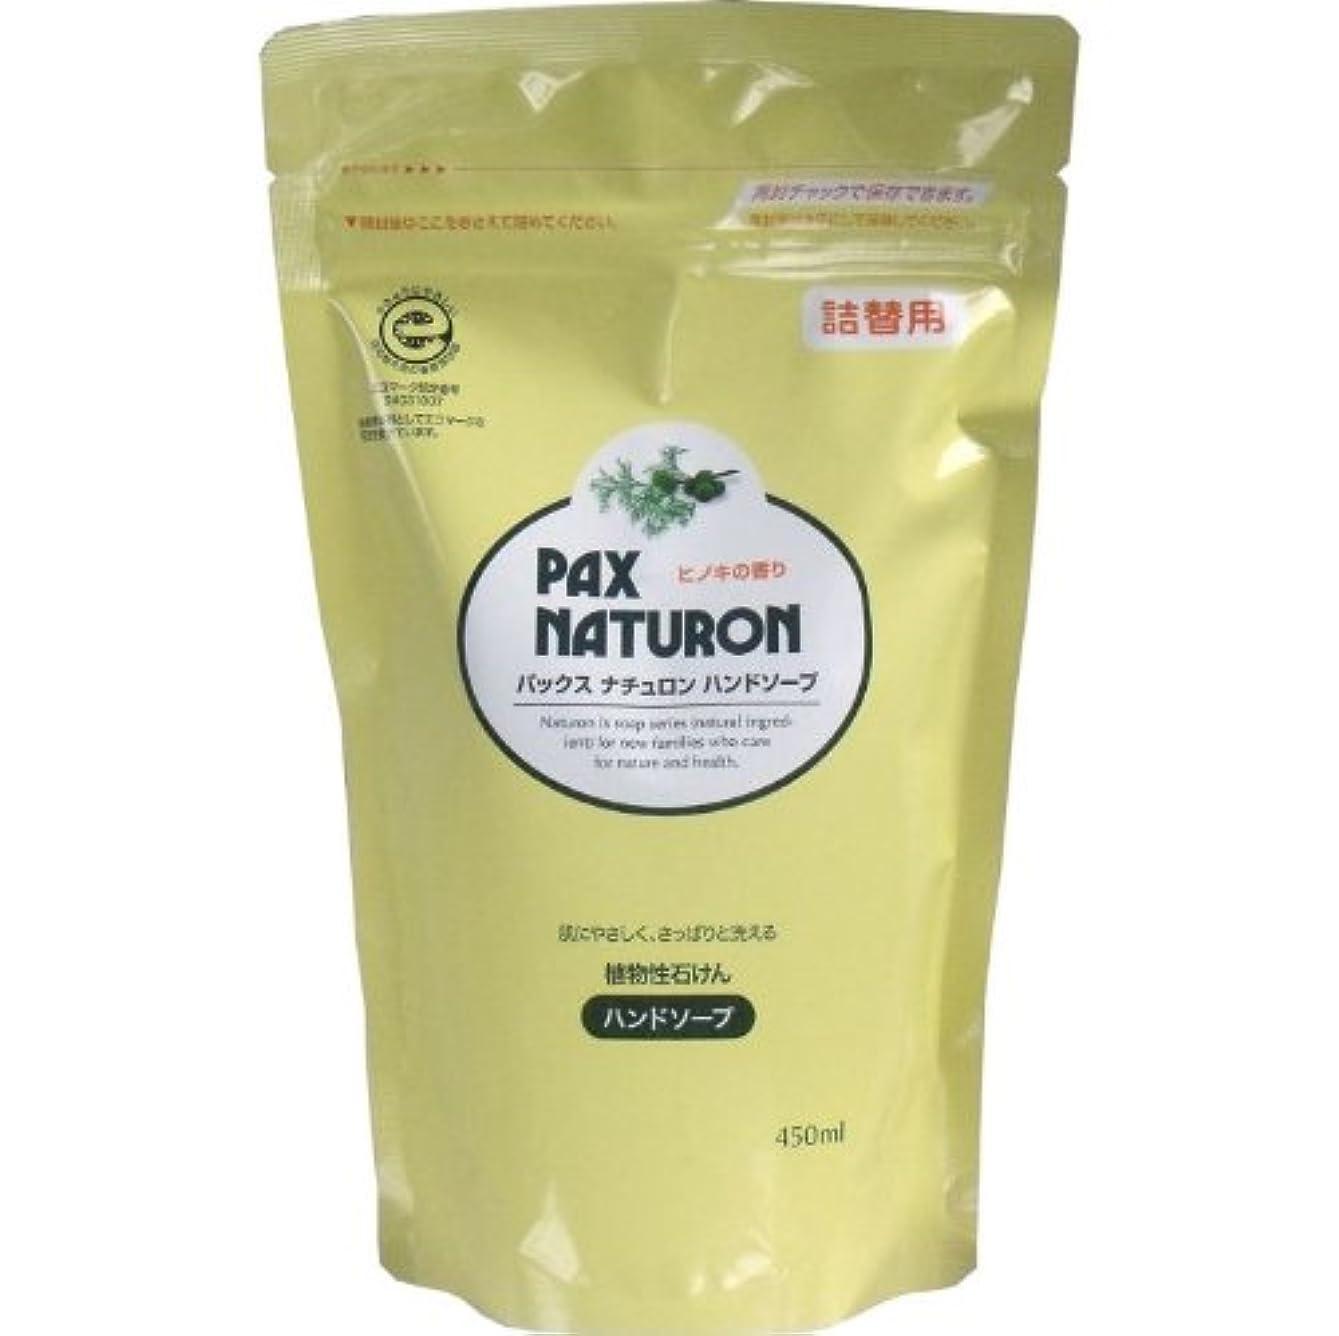 評判面倒共和国肌にやさしく、さっぱりと洗える植物性石けん!植物性ハンドソープ 詰替用 450mL